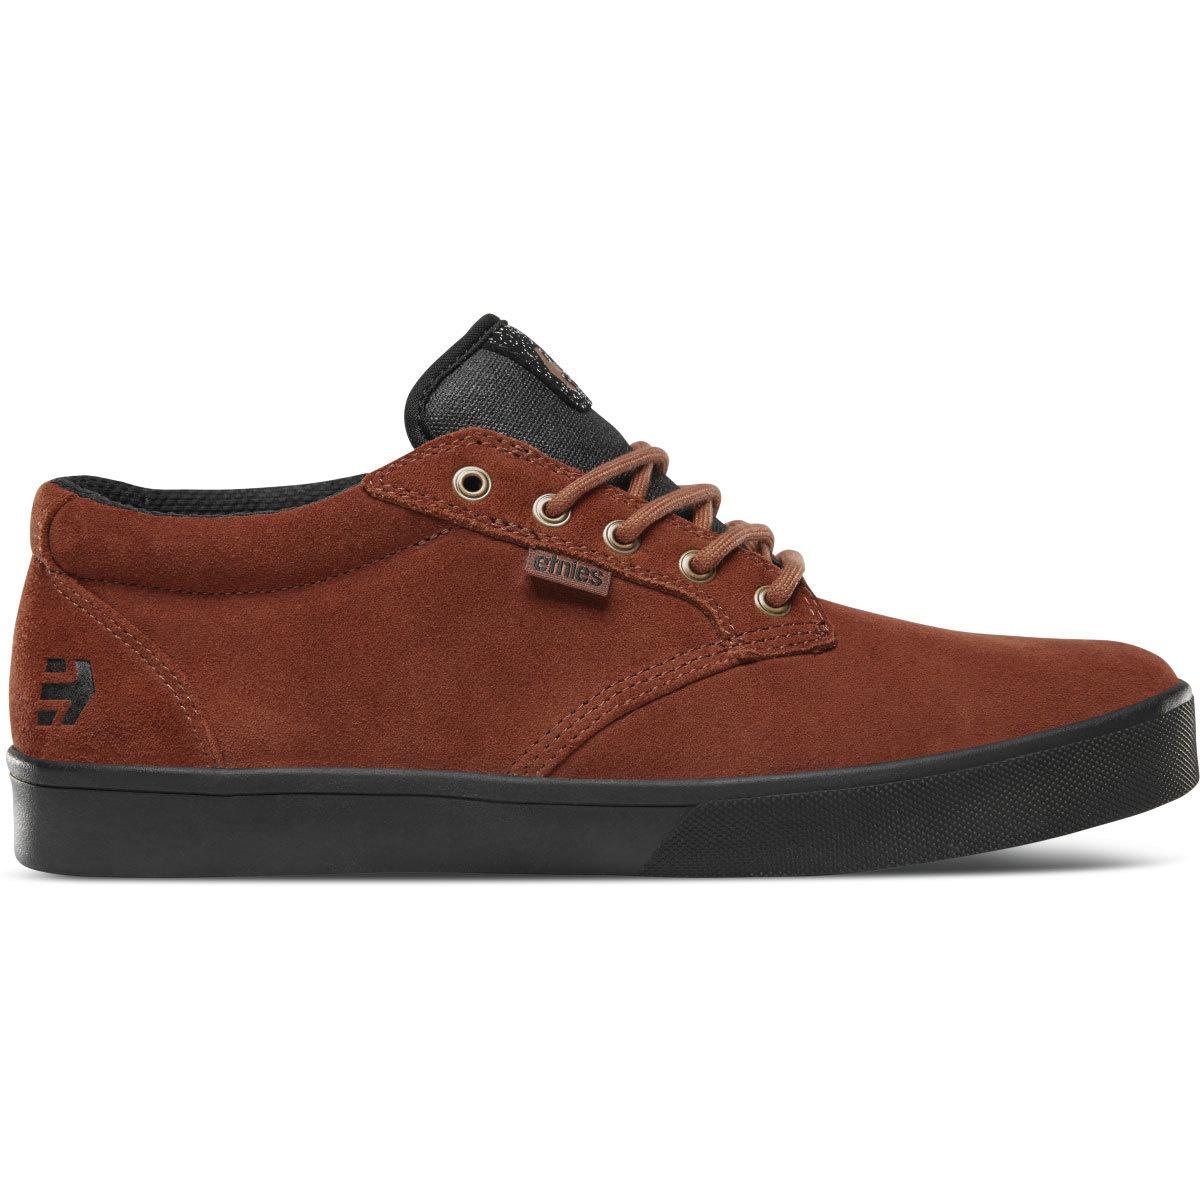 Etnies Jameson Mid Crank Shoe